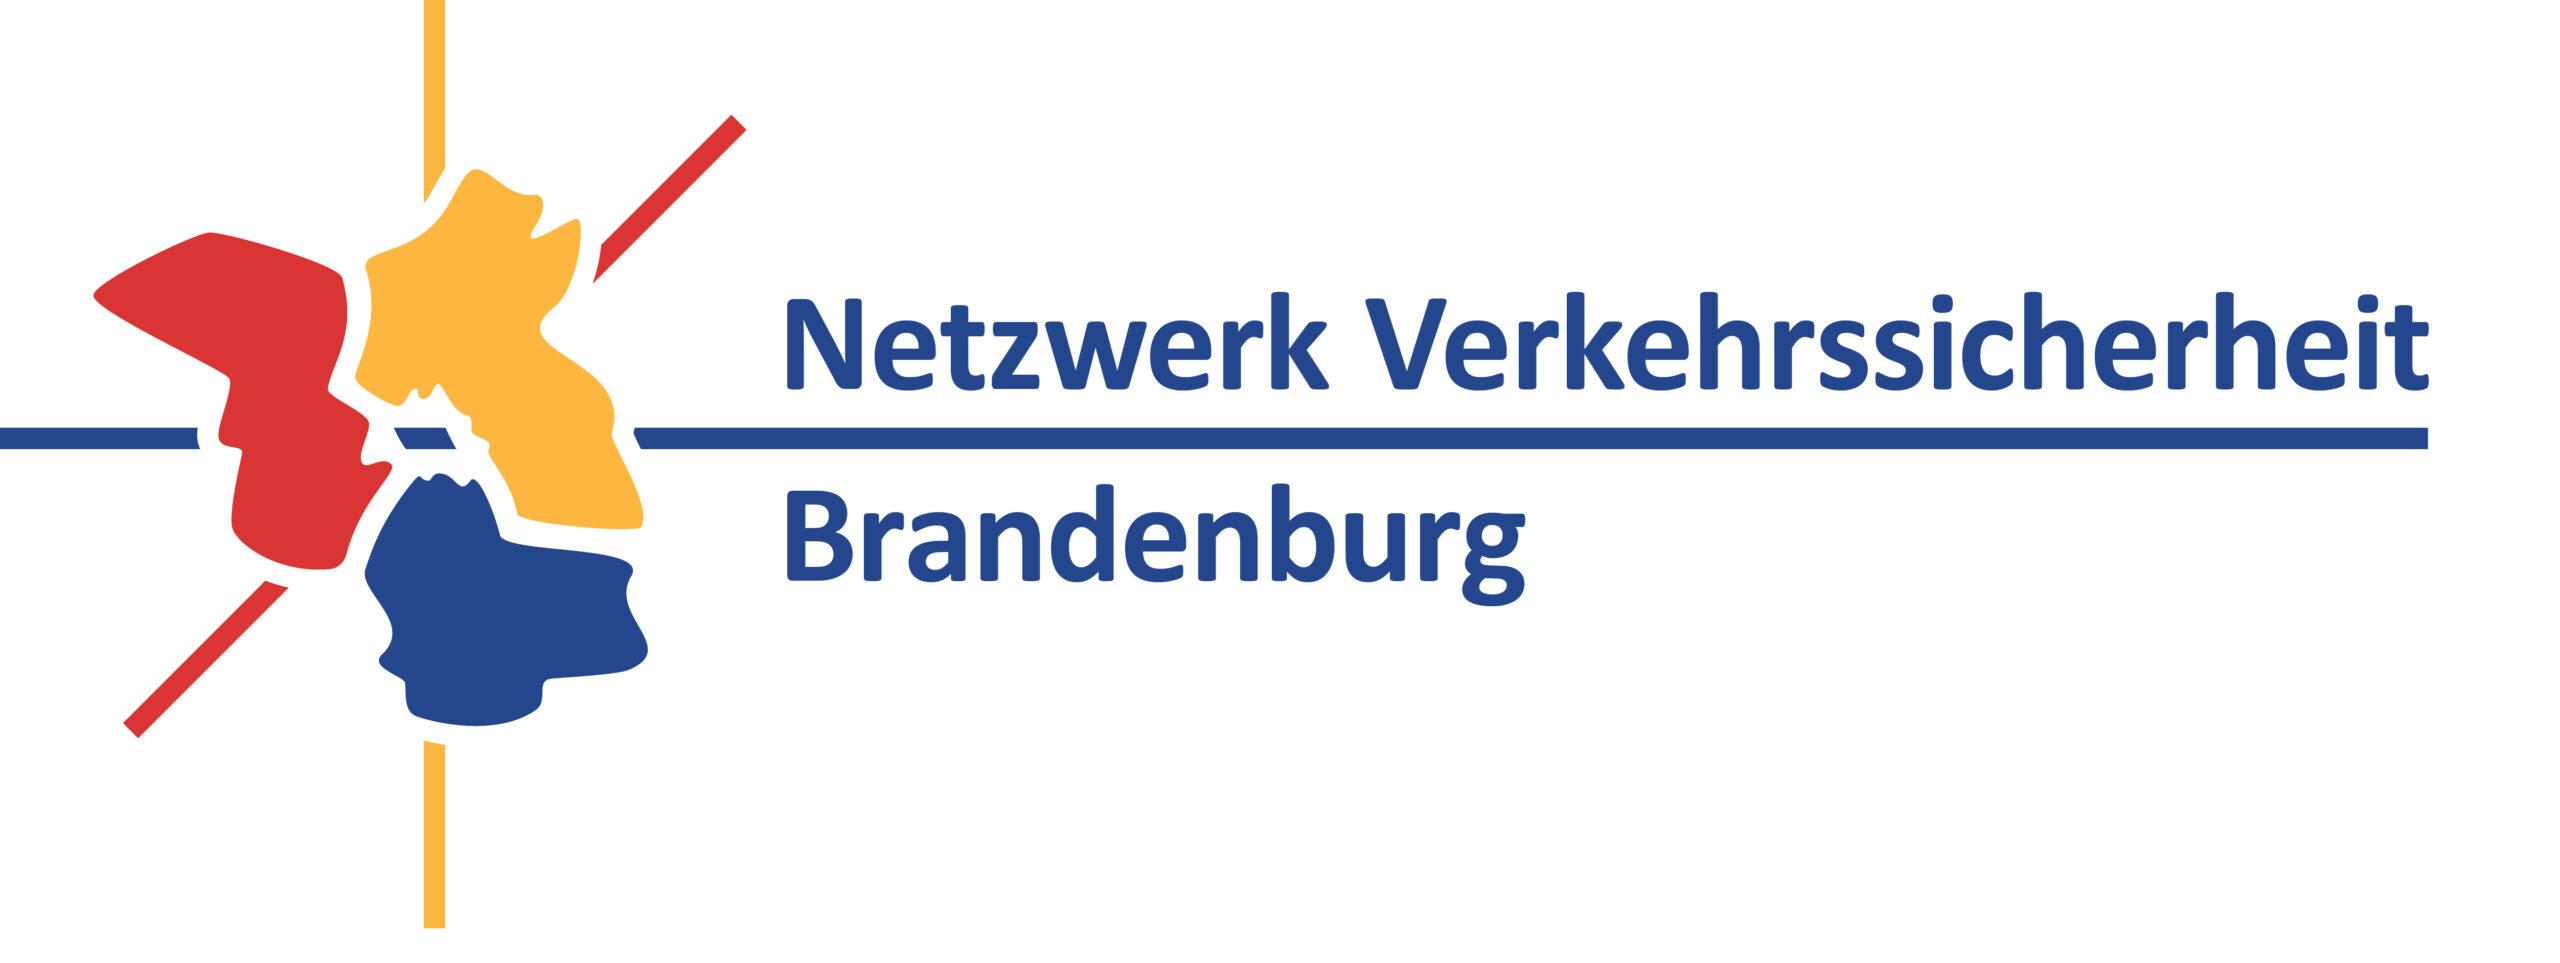 Netzwerk Verkehrssicherheit